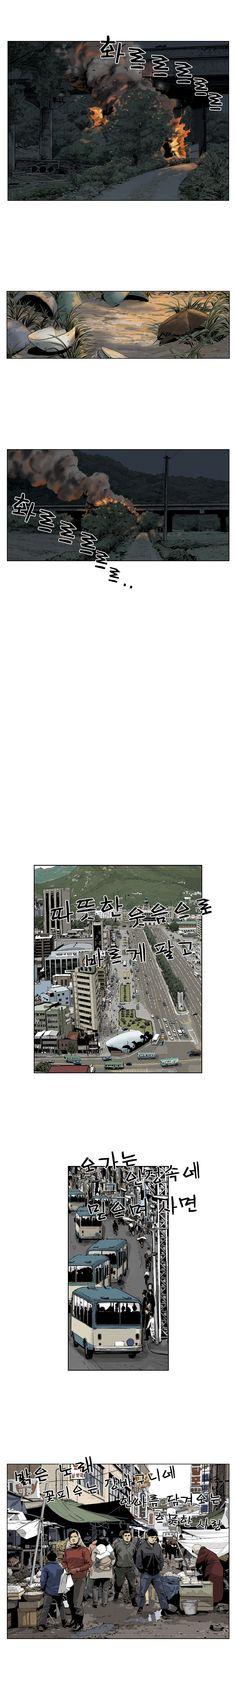 파인 85화 - 범죄자들을 모아 신안앞바다 보물을 도굴하려는 근면성실 악당 이야기 | 상상이 시작되는 곳 Daum 웹툰Daum 만화속세상